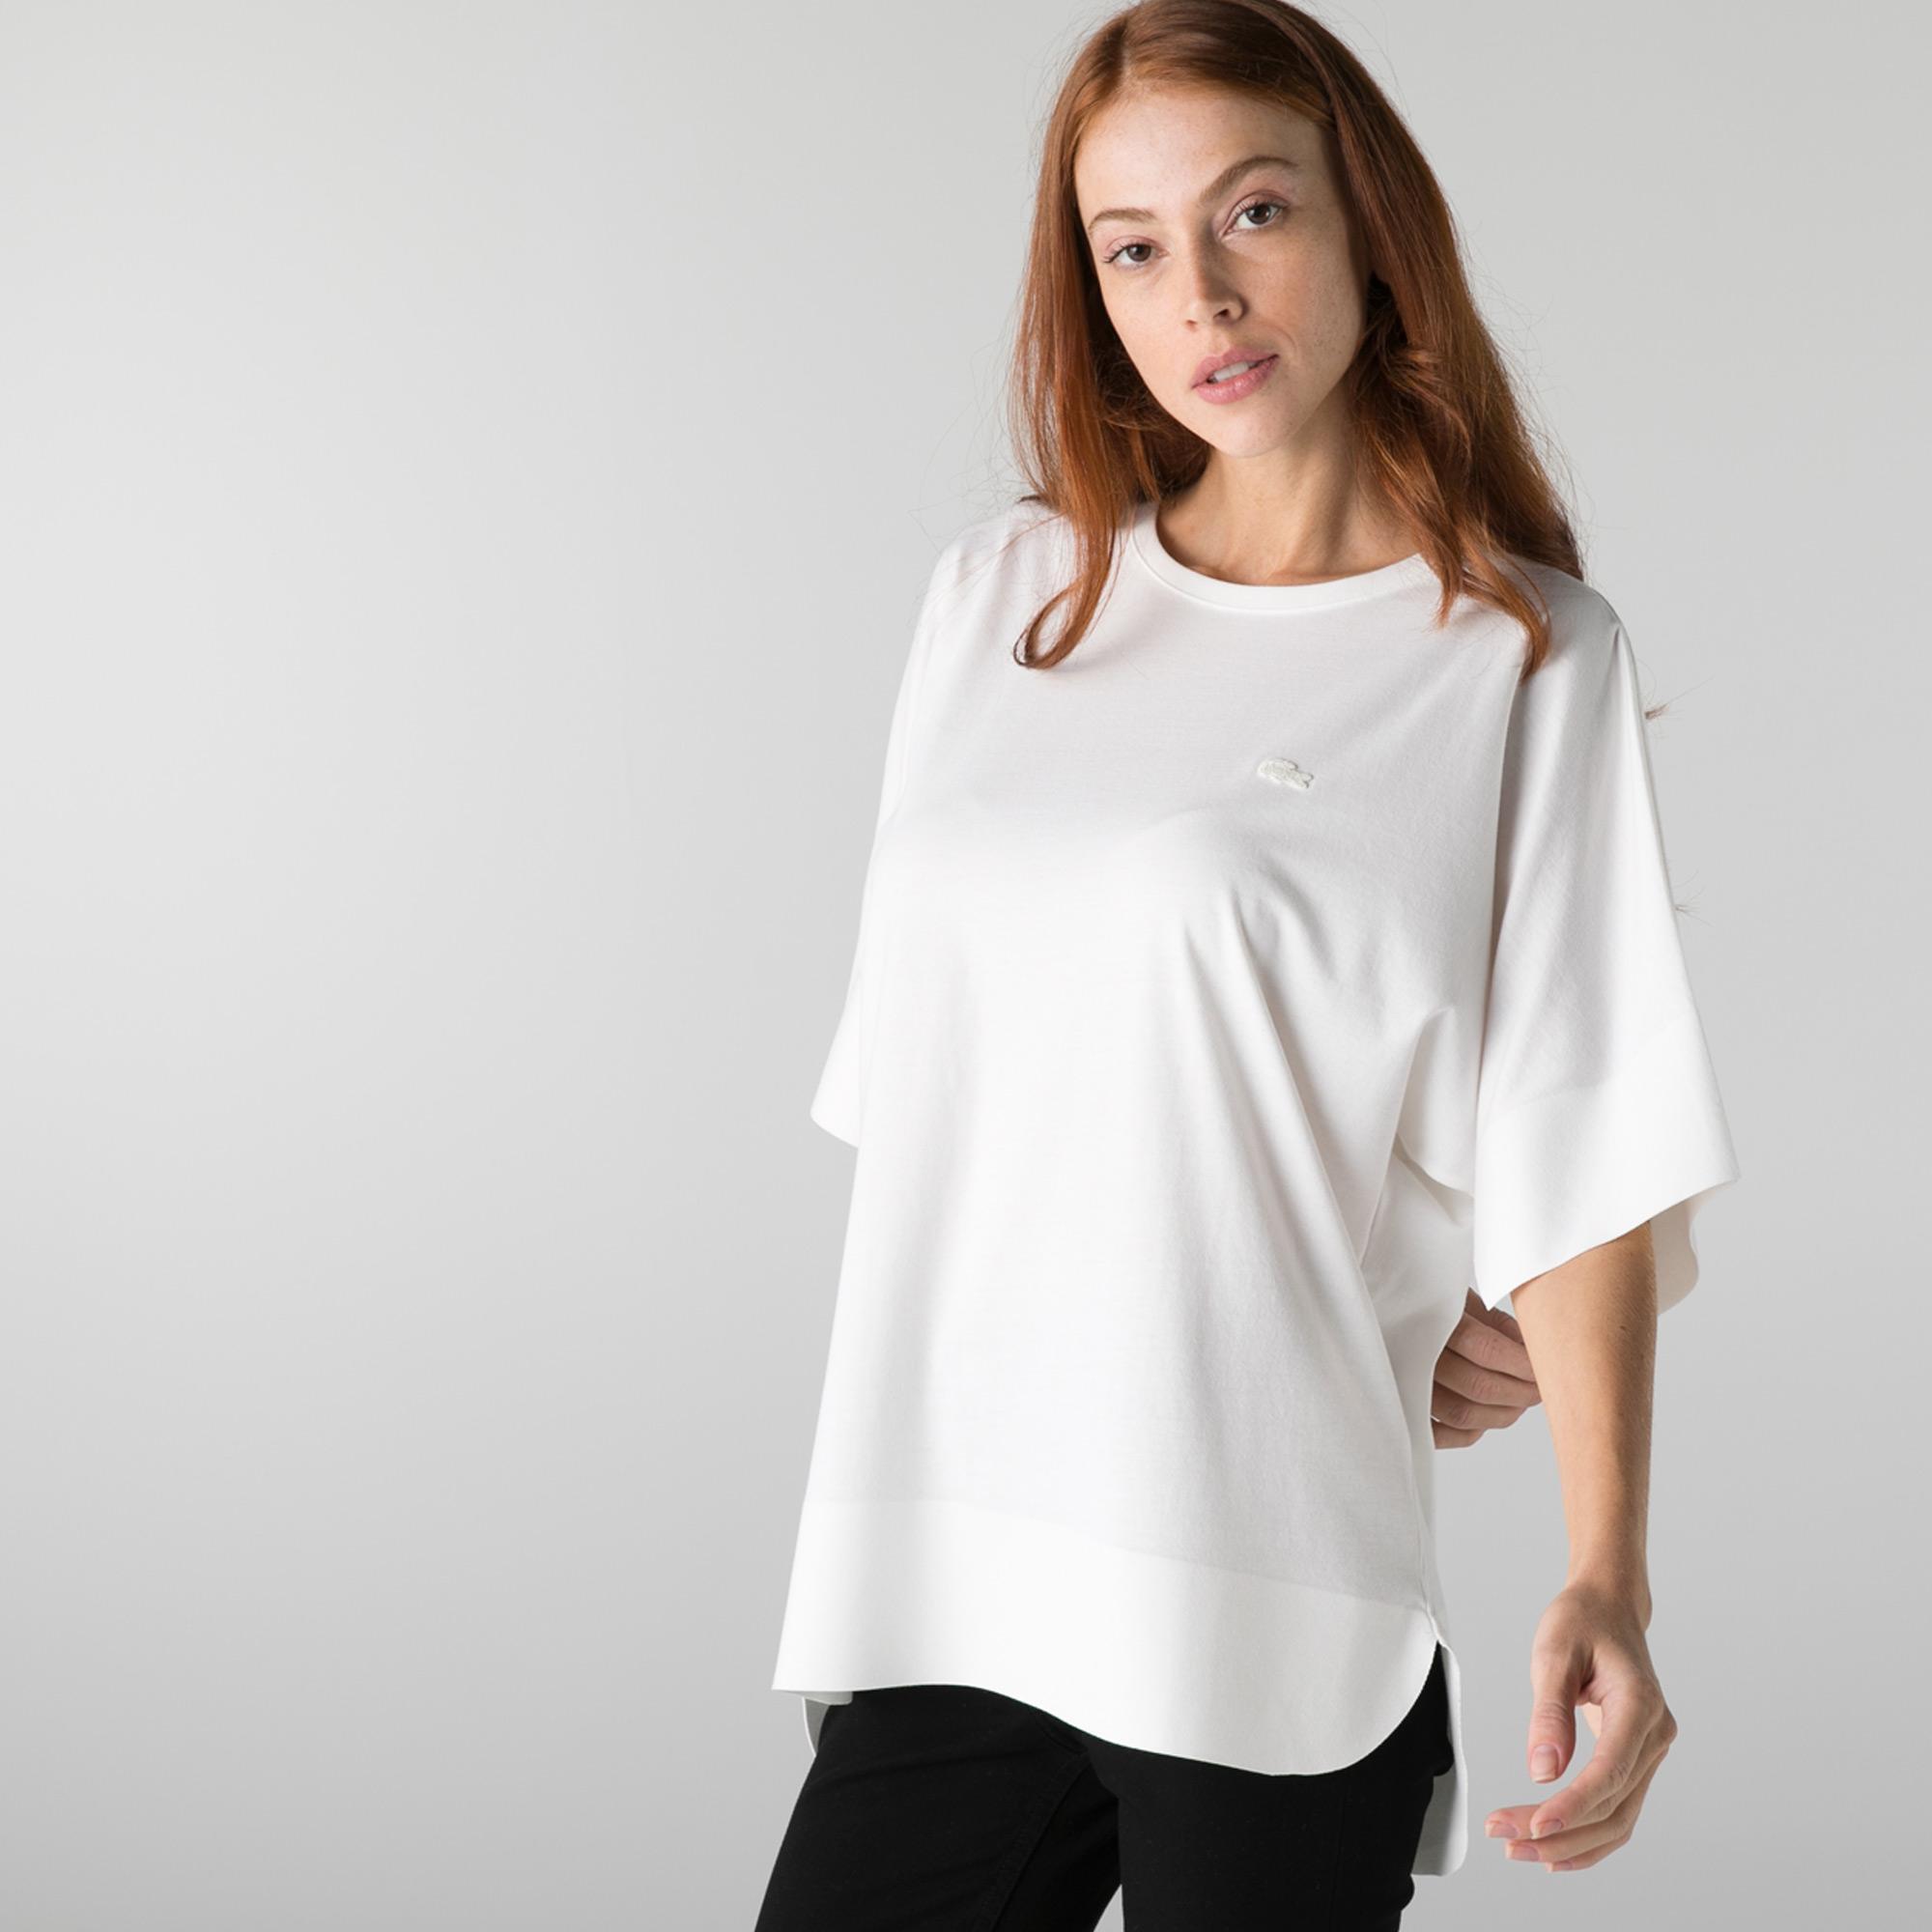 Lacoste Kadın Loose Fit Bisiklet Yaka Beyaz T-Shirt